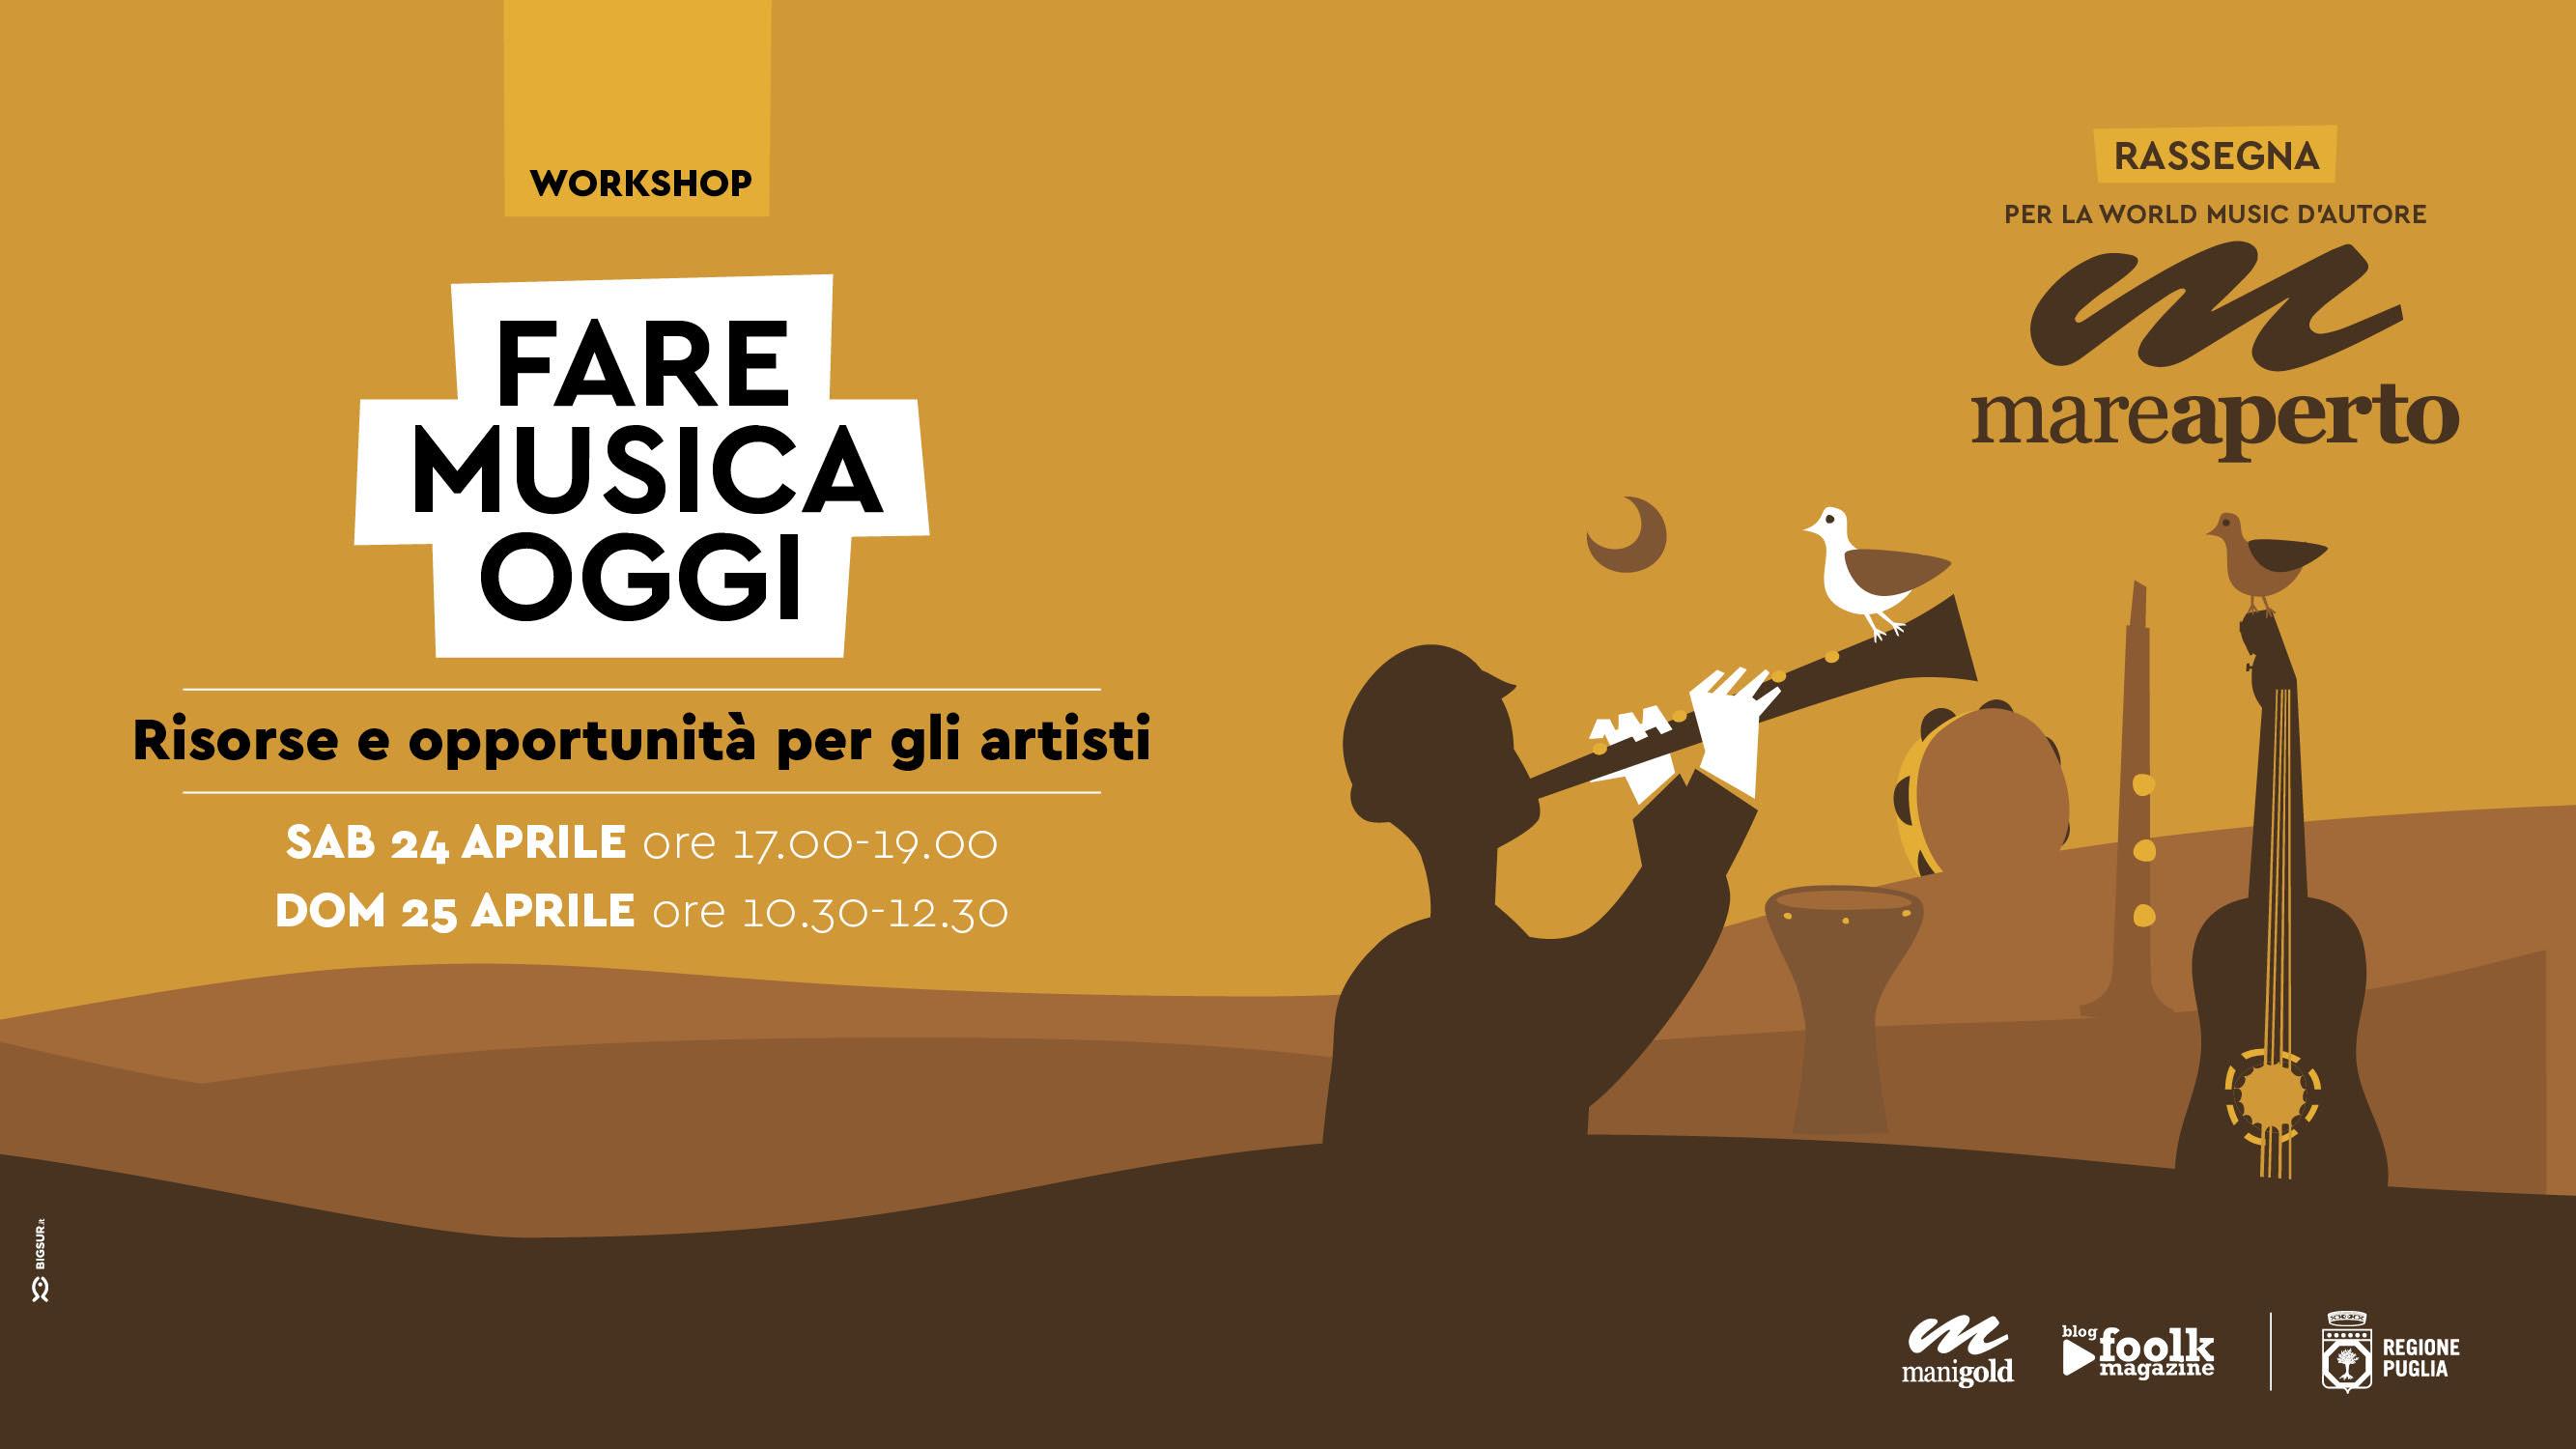 Workshop: Fare musica oggi